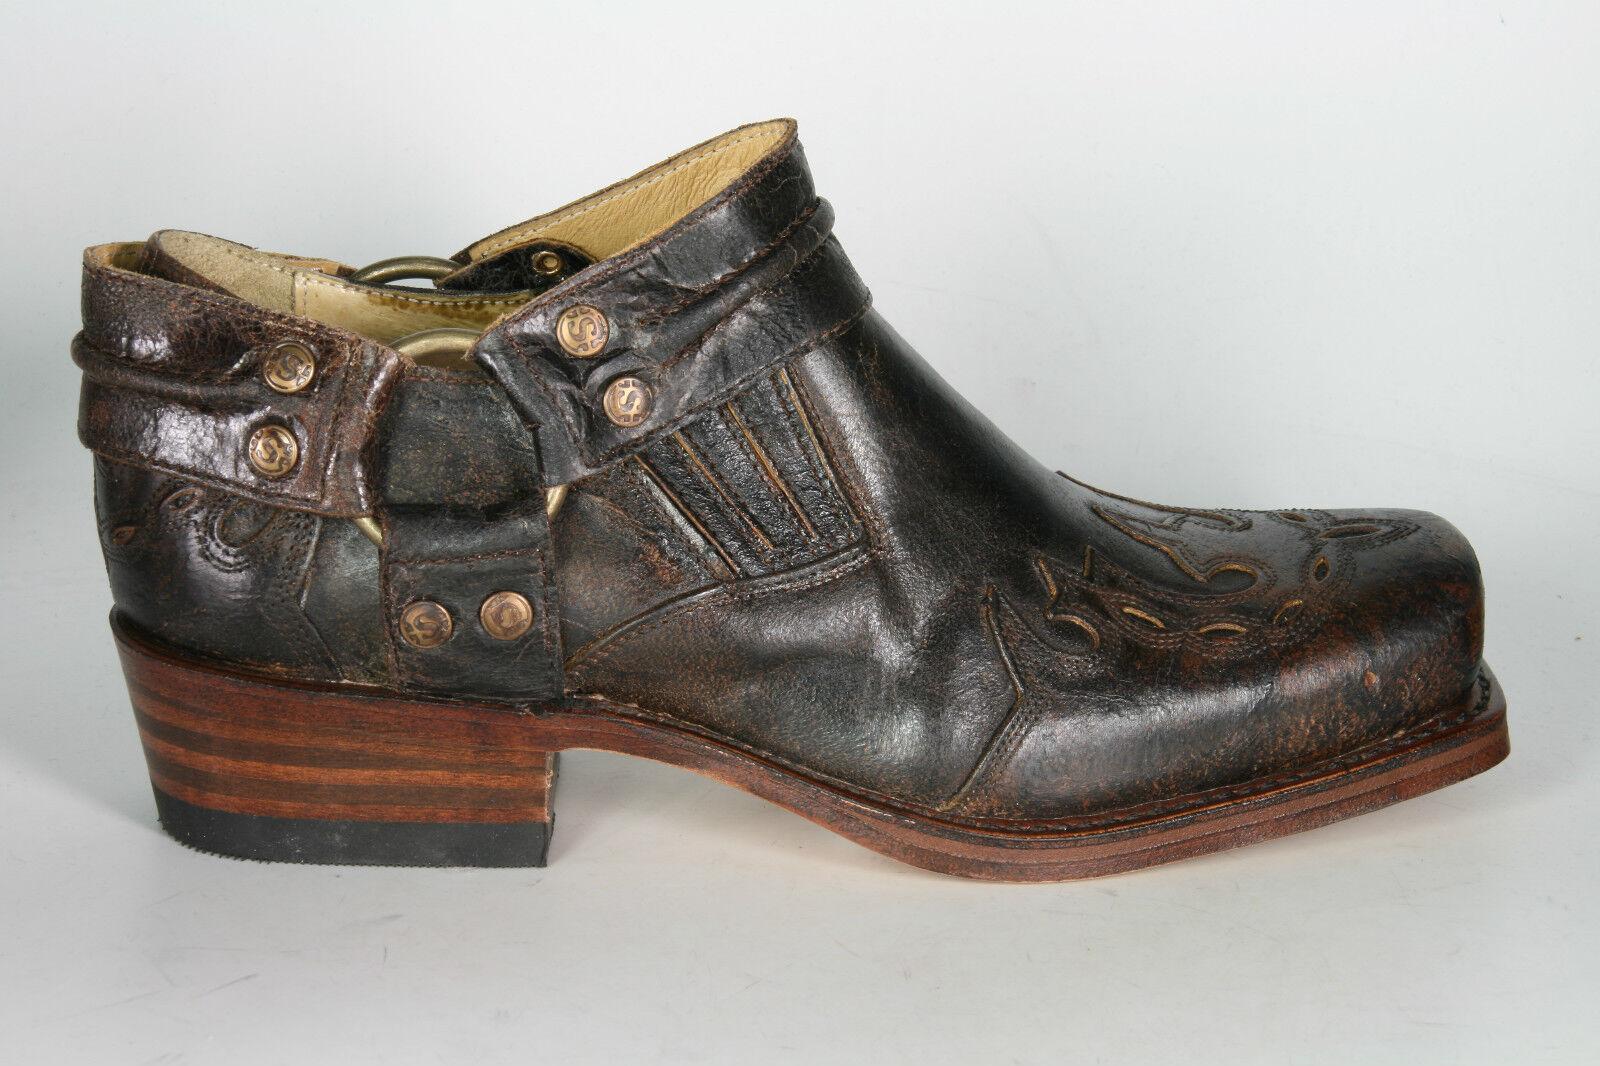 6077 Sendra Biker zapatos zapatos zapatos con llama barbados botas motorista rahmengenähte zapatos de piel b0e0c6